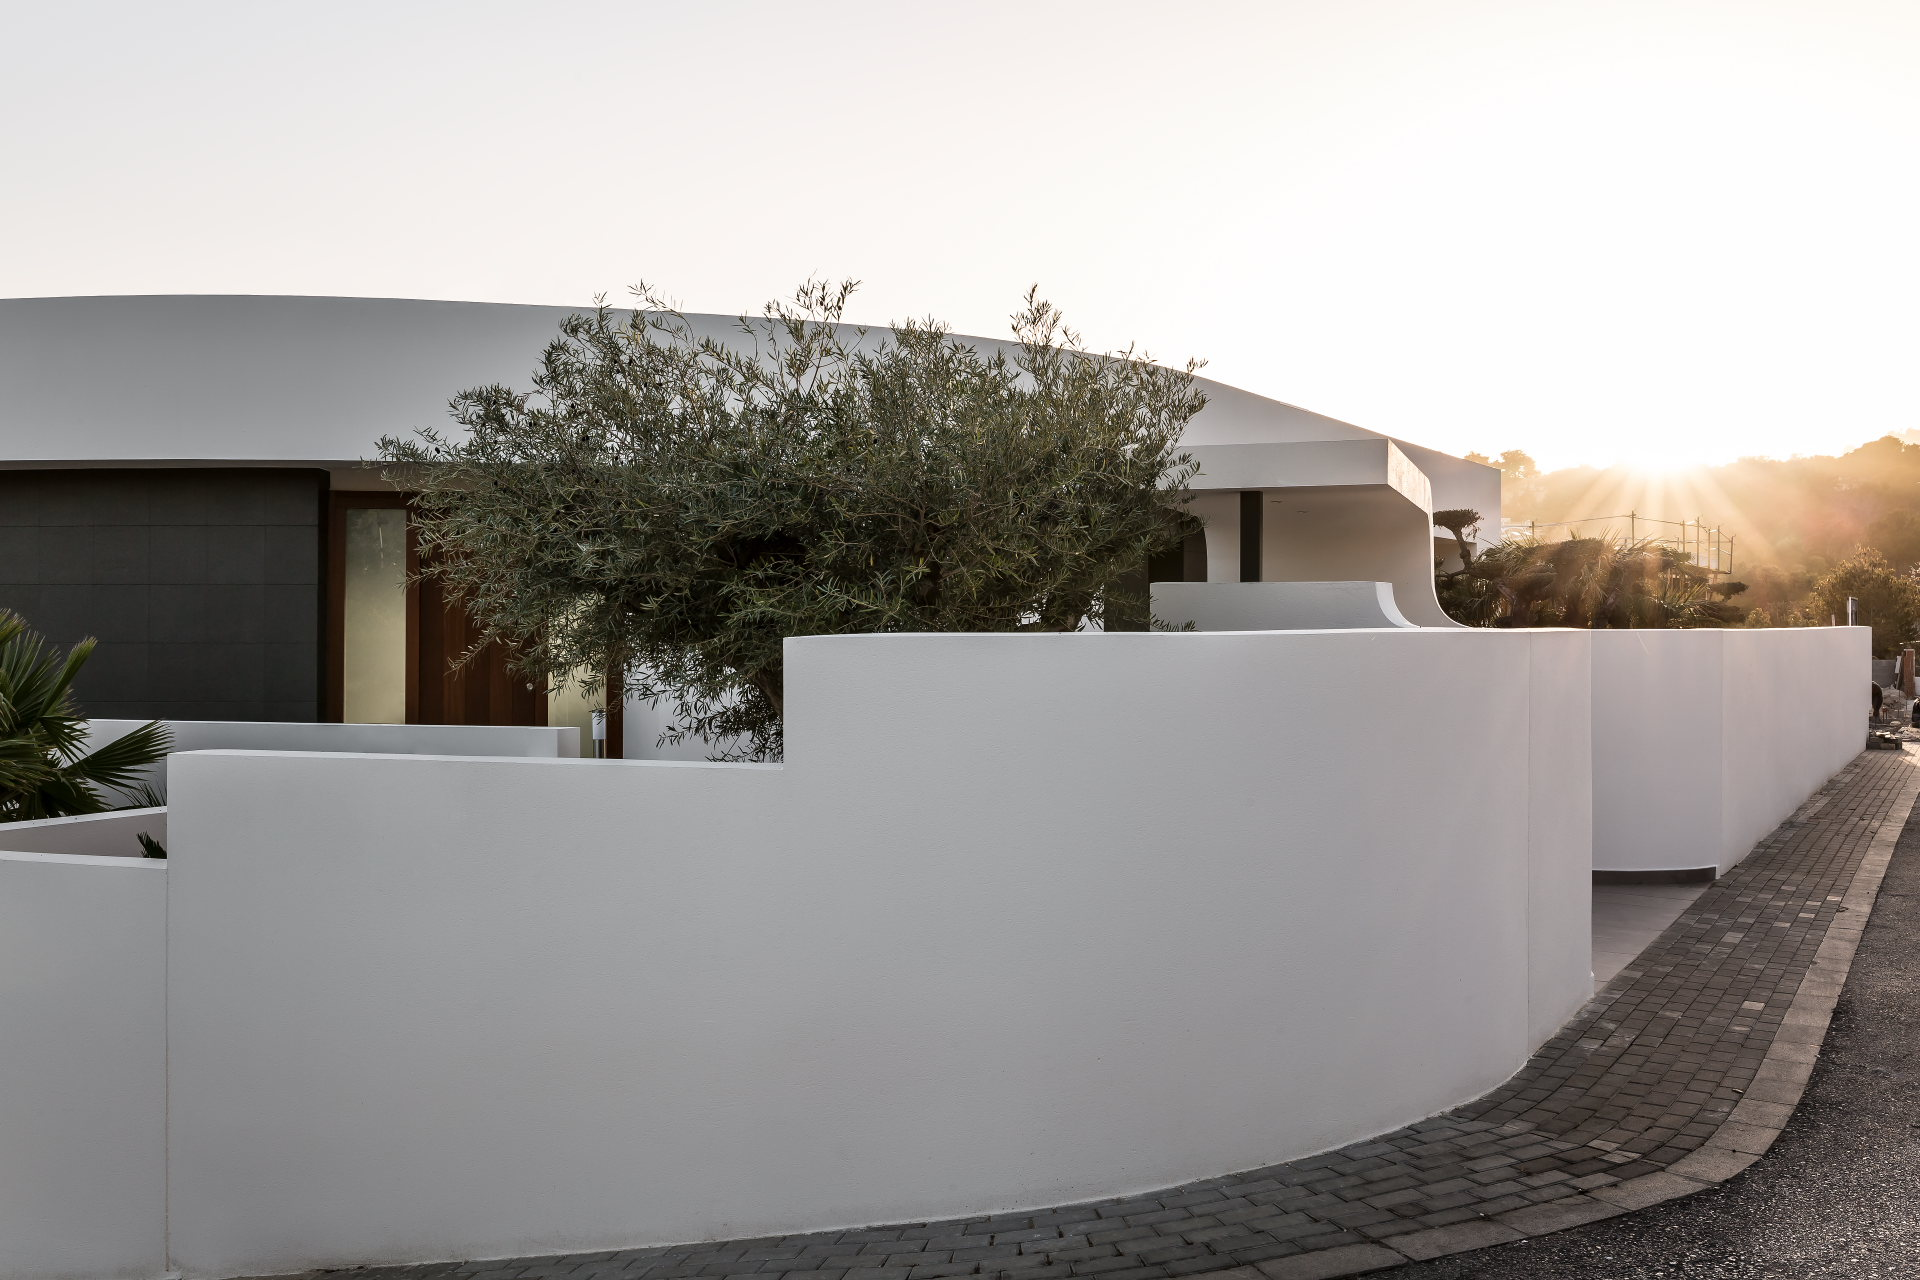 fotografia-arquitectura-valencia-alicante-moraira-german-cabo-pascual-giner (13)